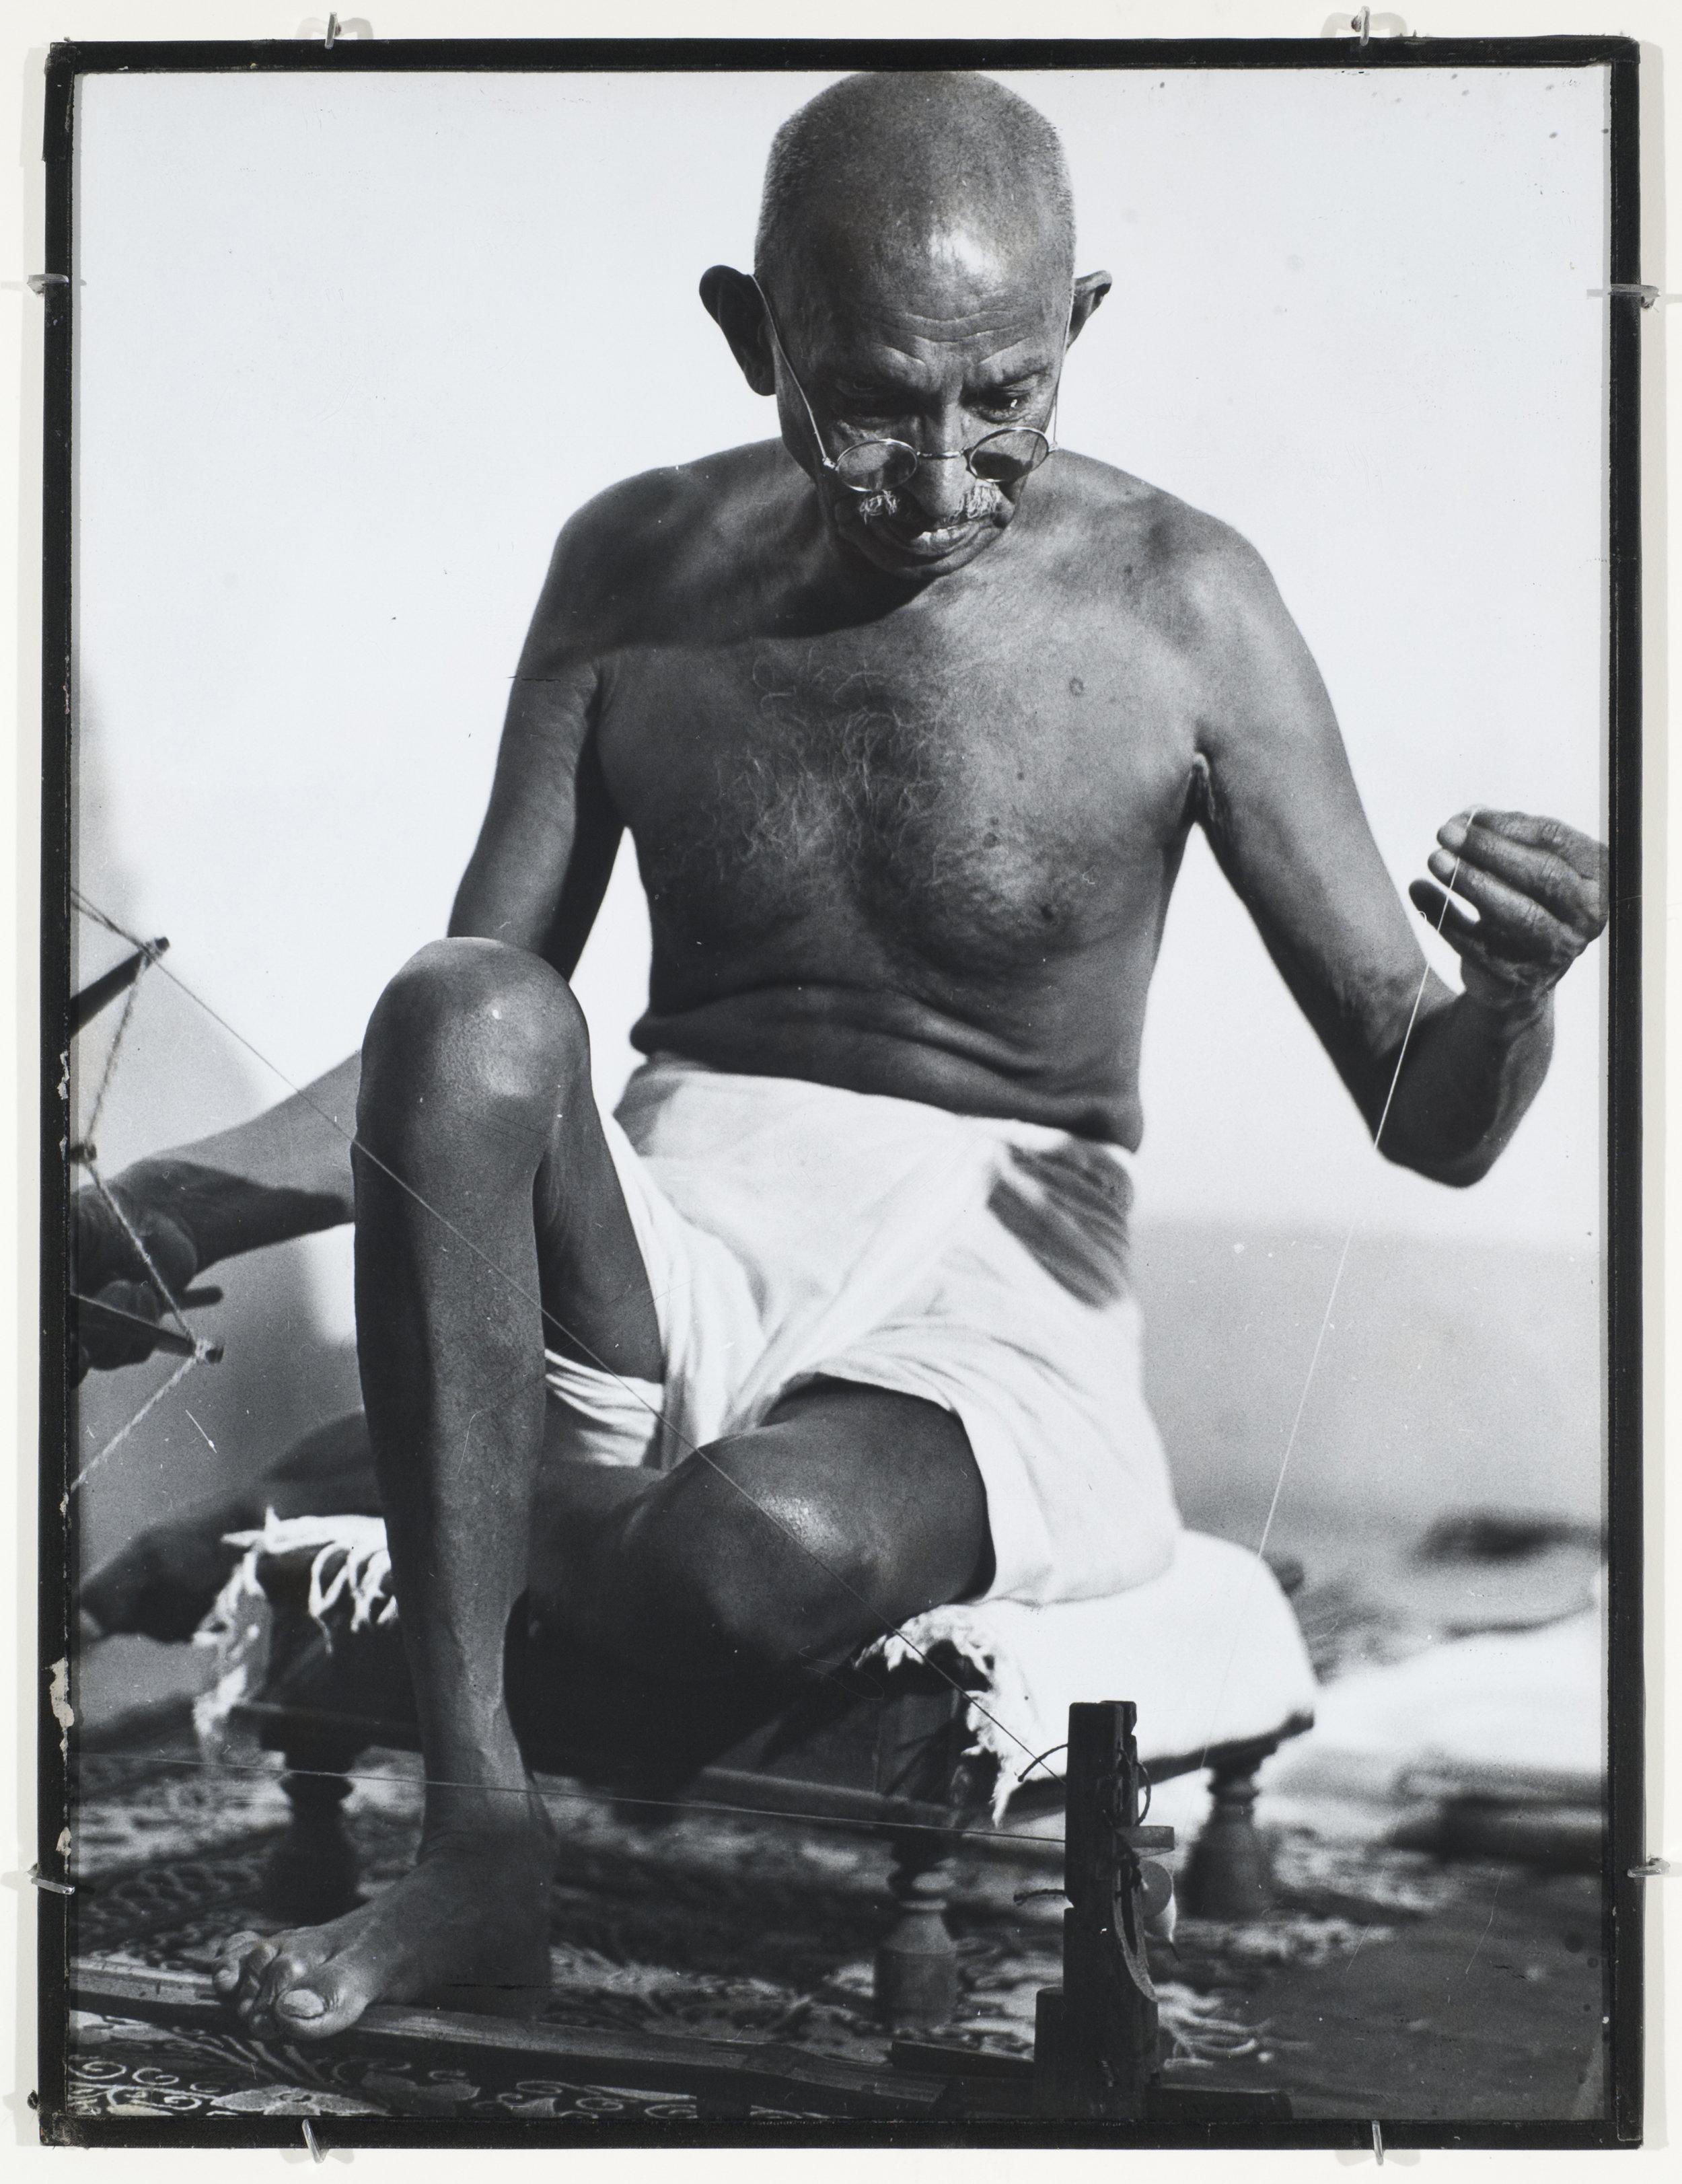 Gandhi Spinning, India, 1946